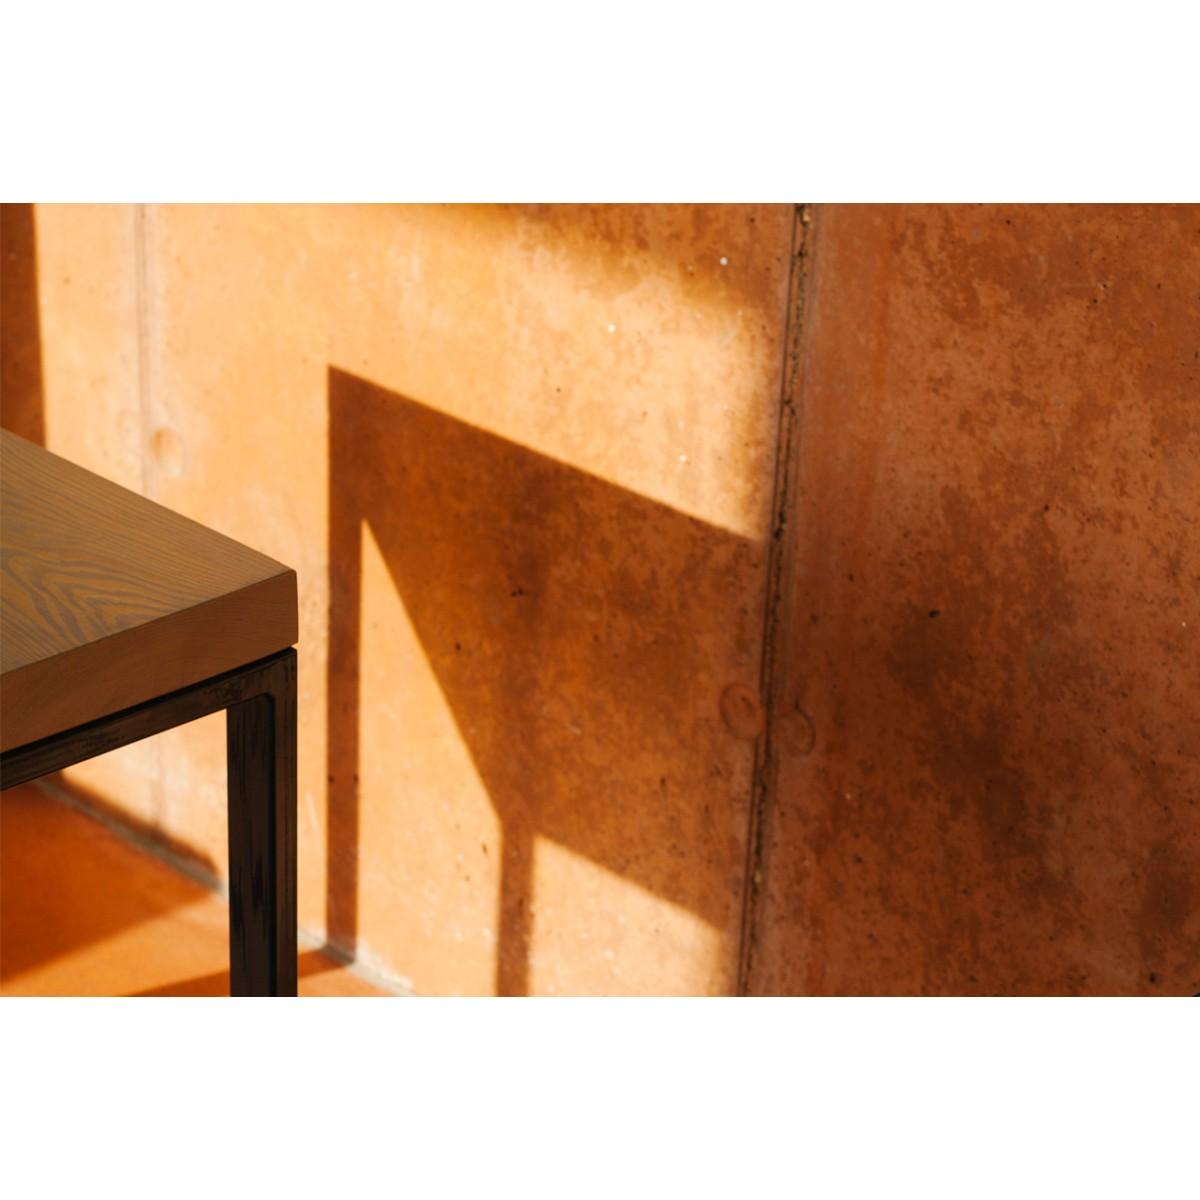 quadratischer upcycling tisch aus recyceltem bauholz und stahl gulpen midnight. Black Bedroom Furniture Sets. Home Design Ideas